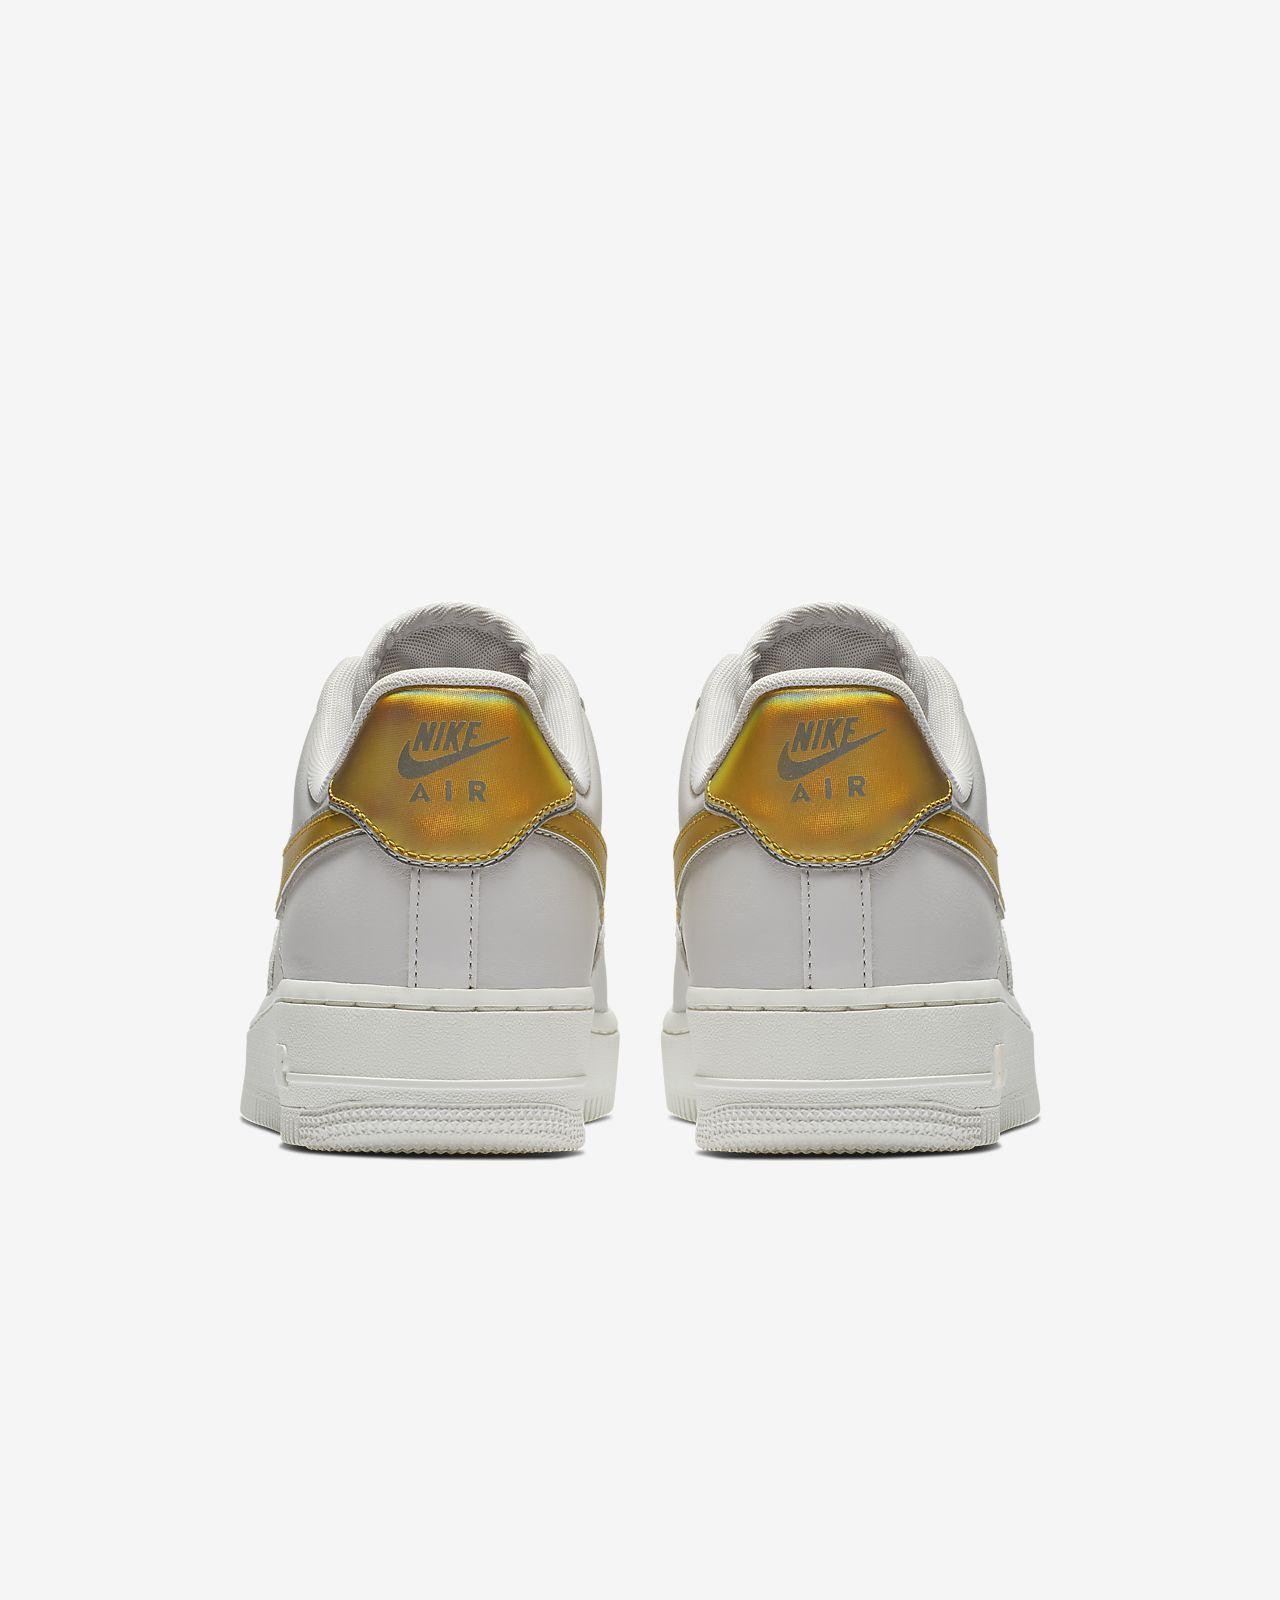 promo code d33a9 d2958 ... Nike Air Force 1  07 Metallic Women s Shoe